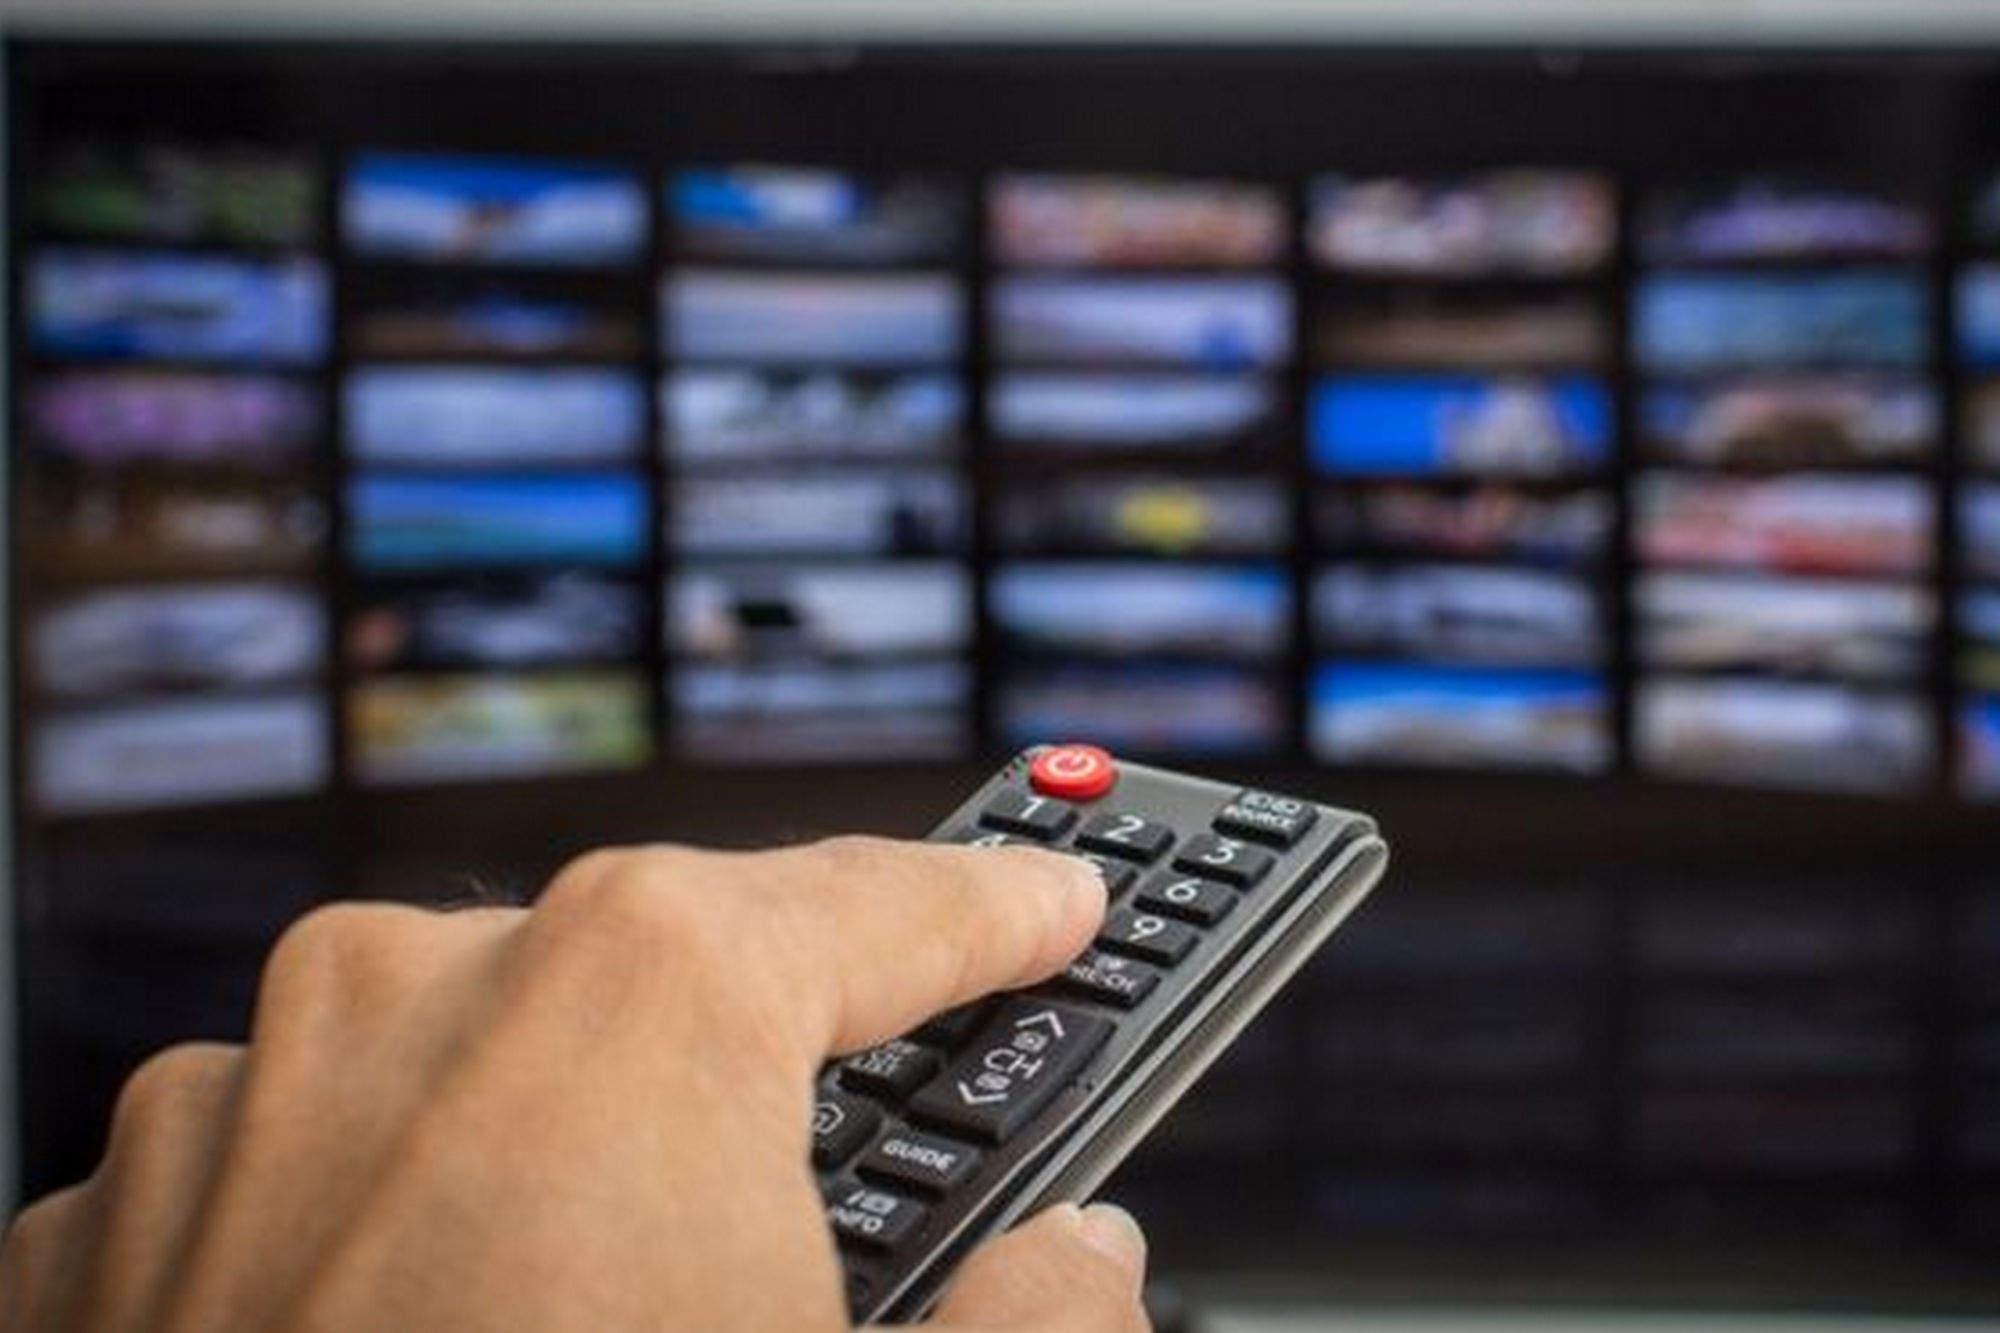 Los riesgos de comprar un Smart TV (y qué recomienda el FBI para proteger tu televisor inteligente)